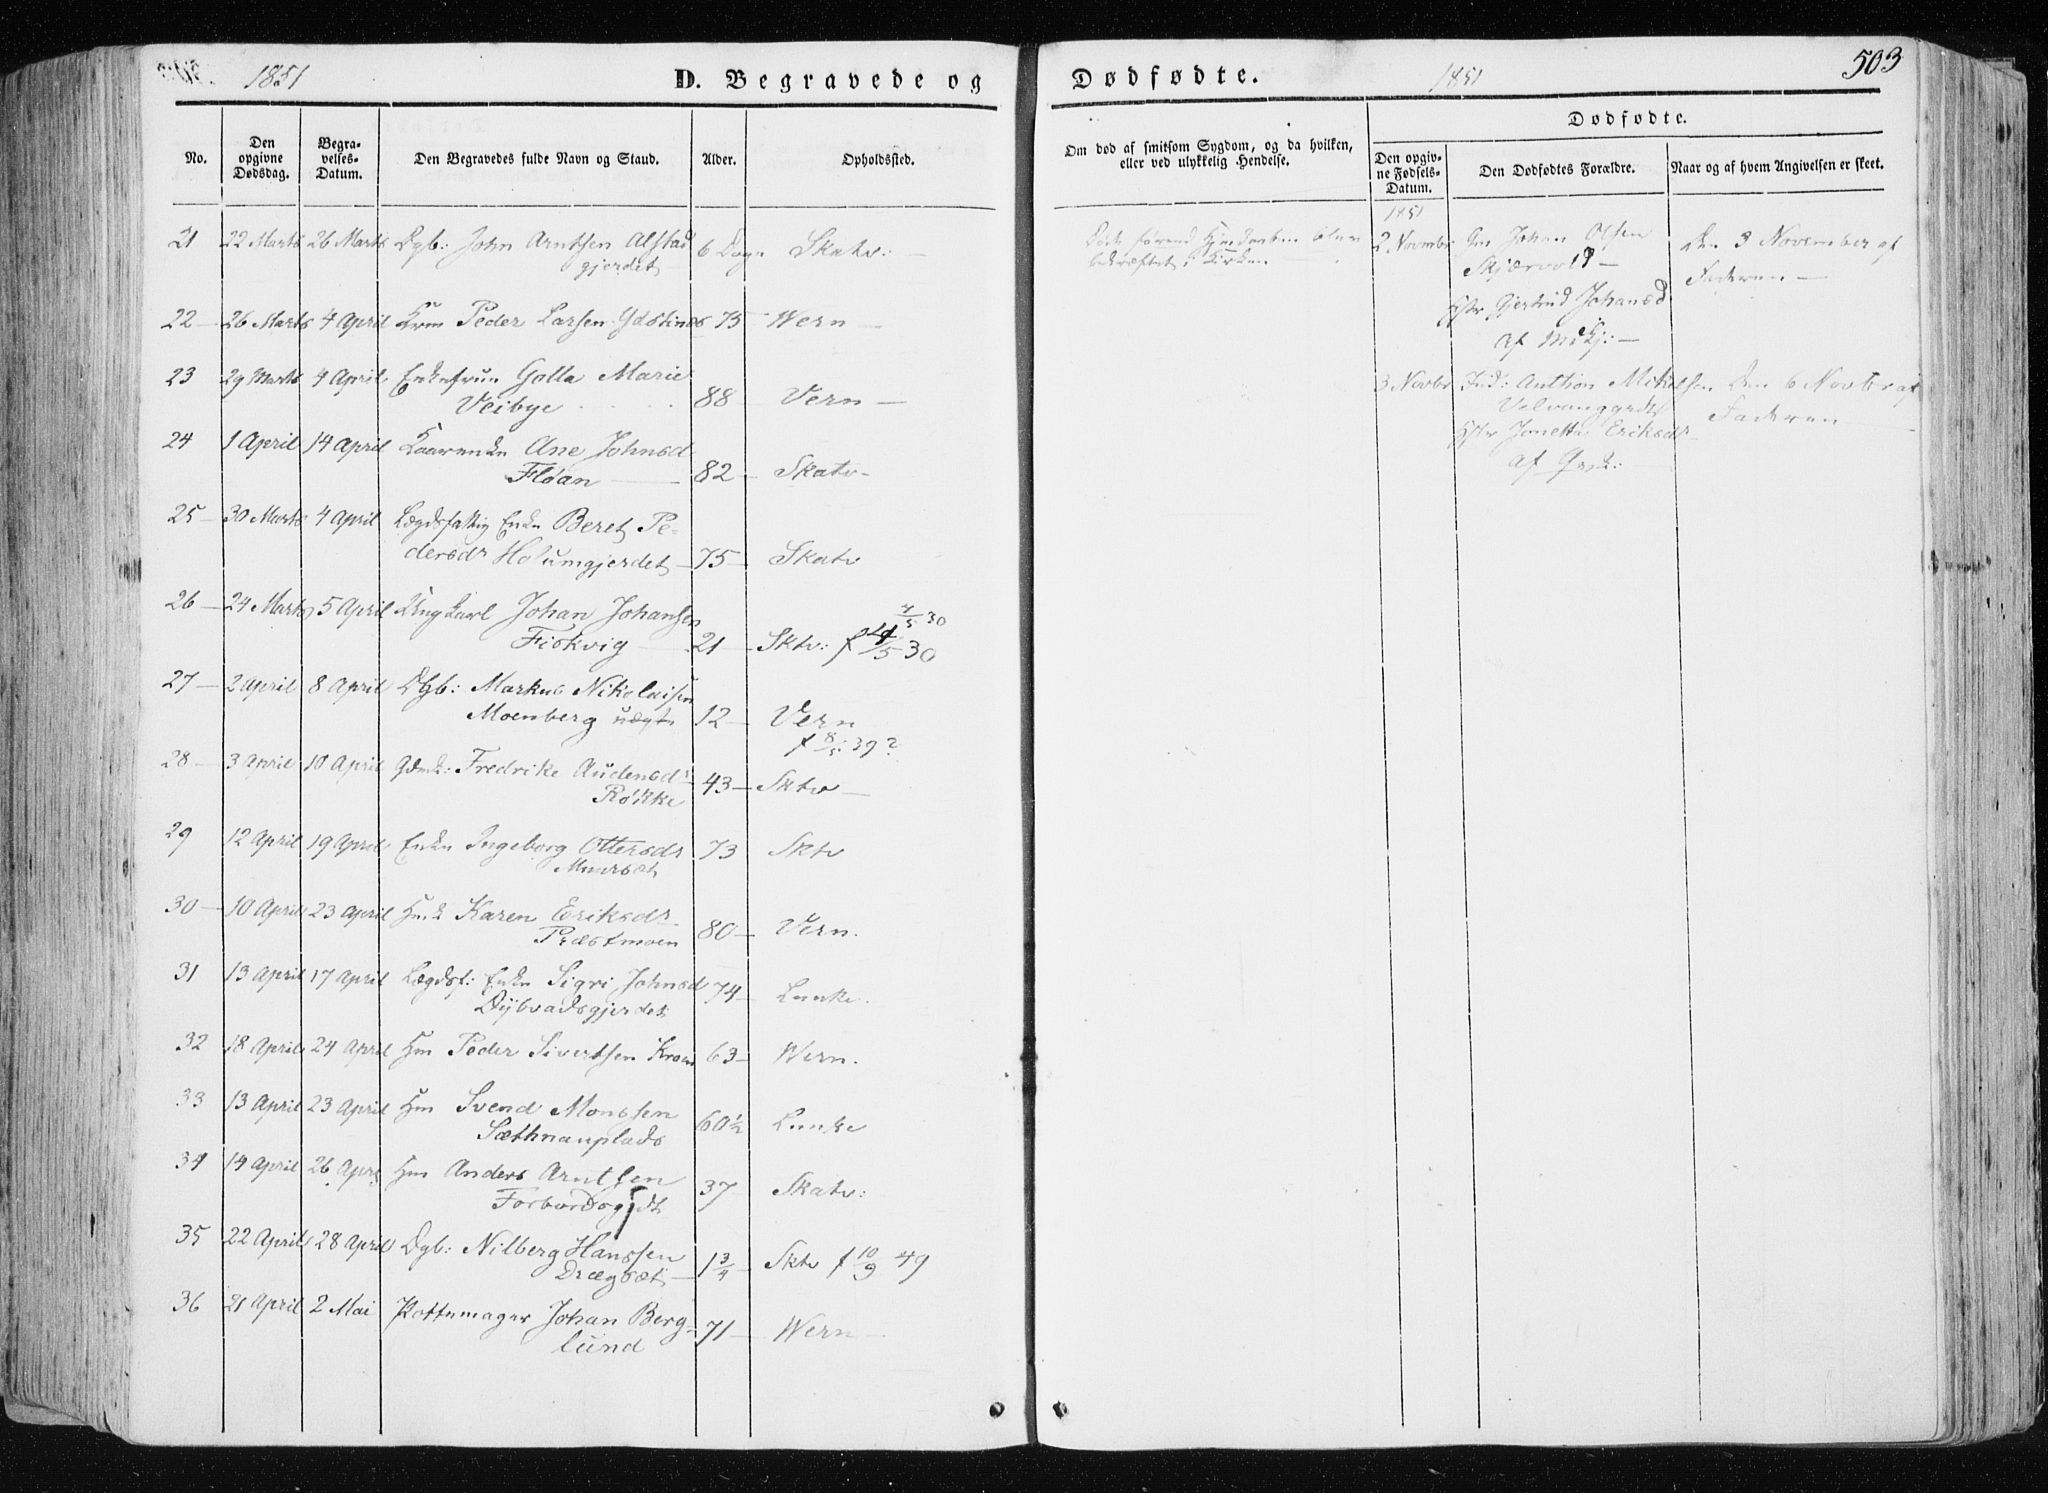 SAT, Ministerialprotokoller, klokkerbøker og fødselsregistre - Nord-Trøndelag, 709/L0074: Ministerialbok nr. 709A14, 1845-1858, s. 503